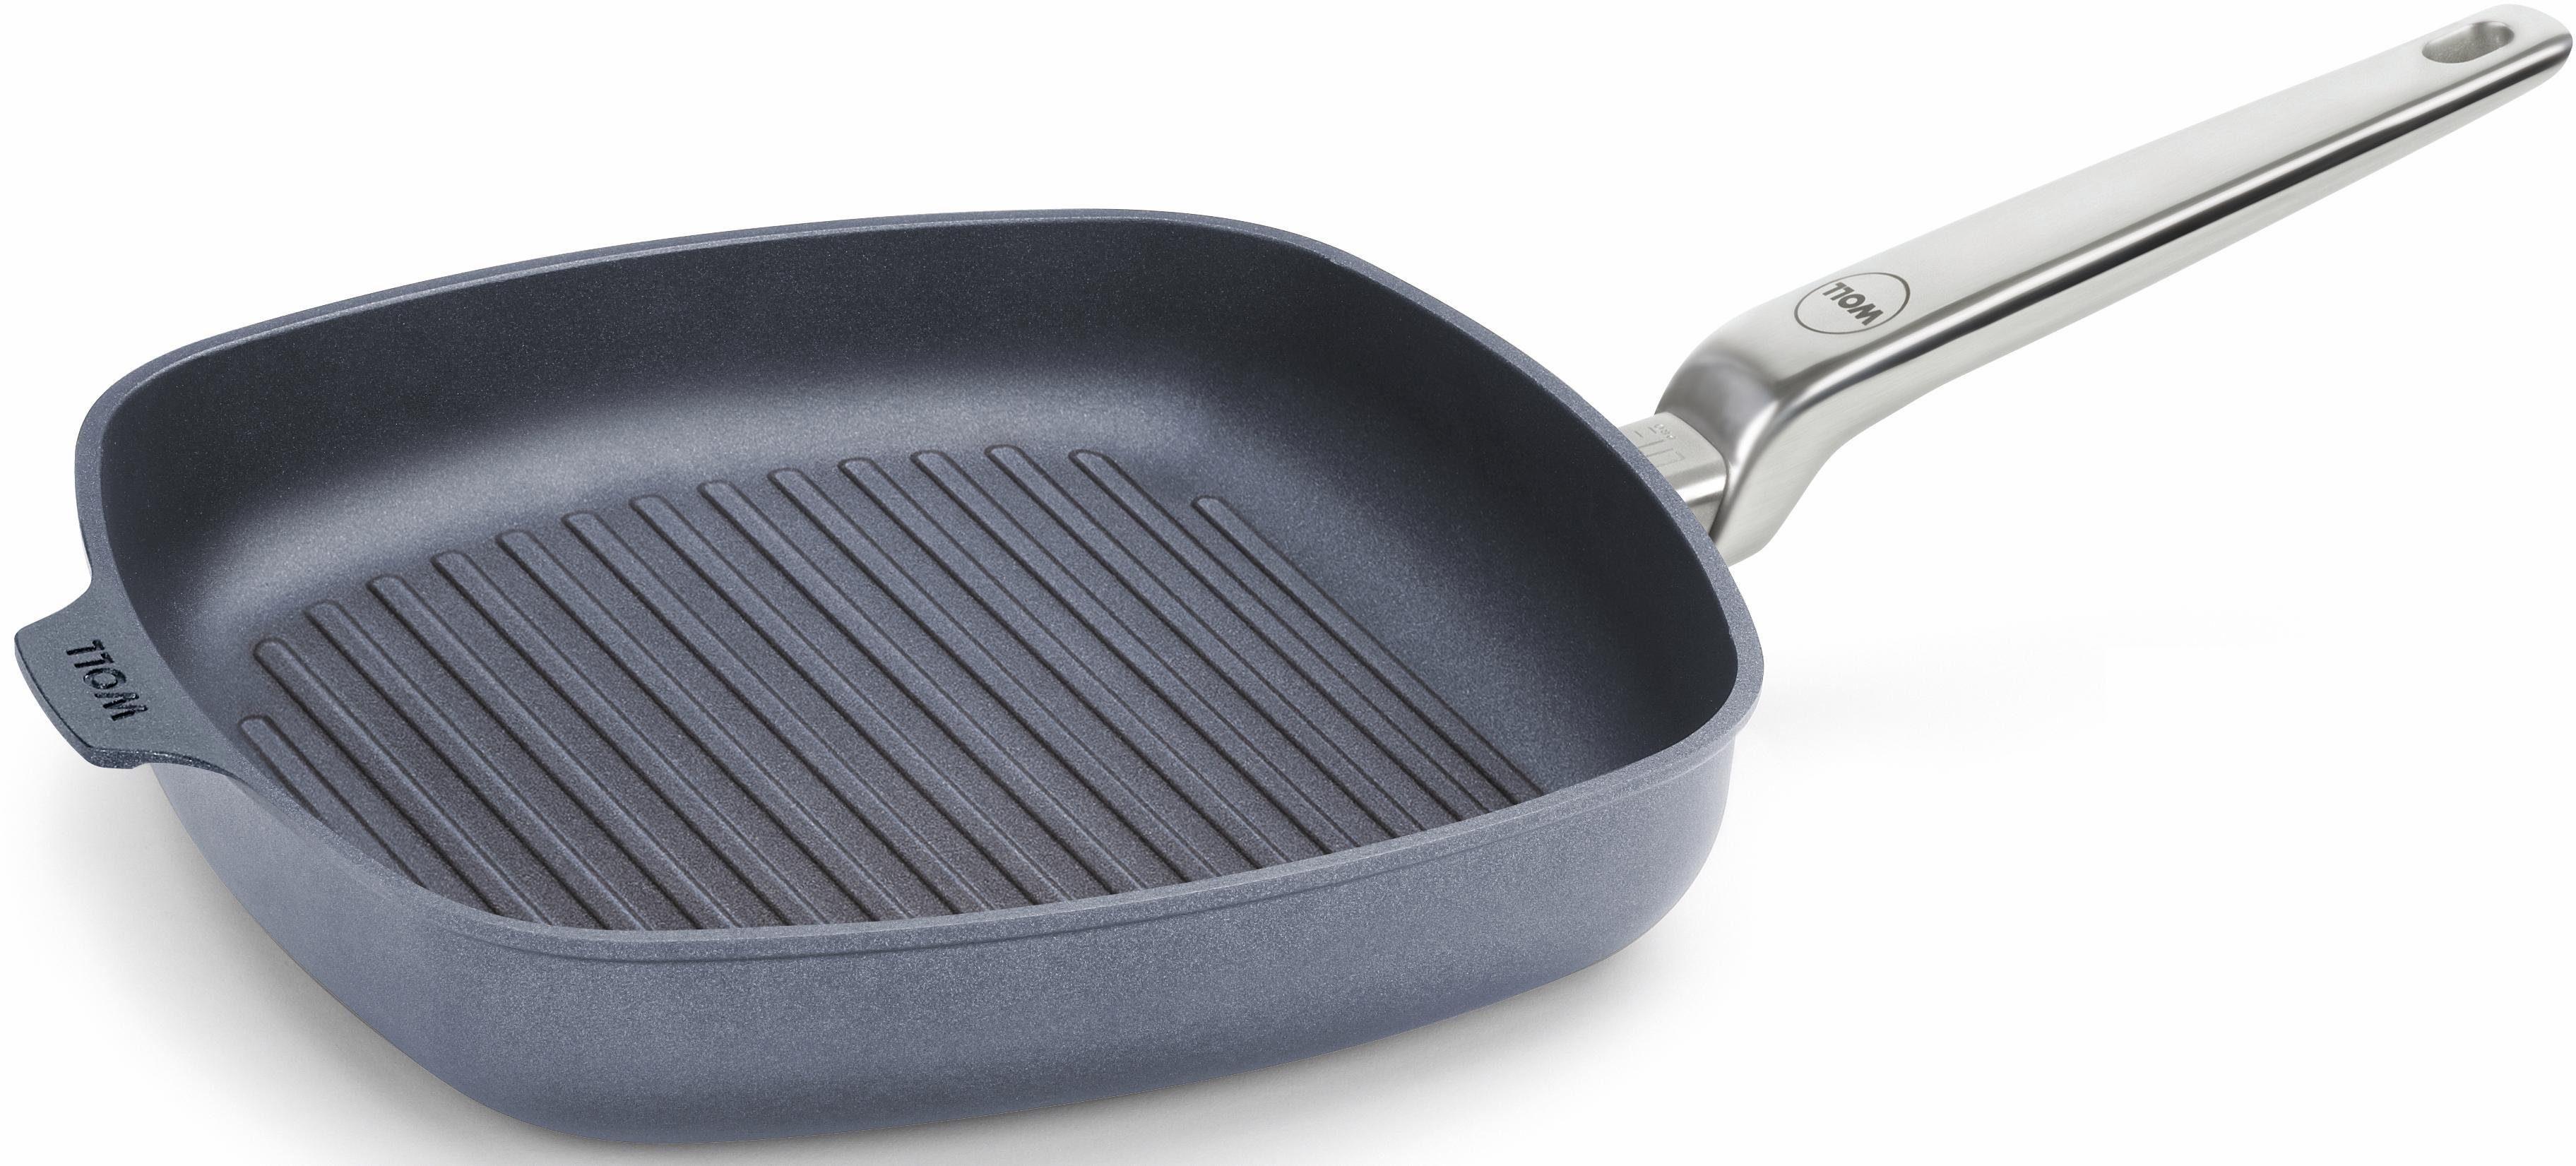 WOLL Steakpfanne mit Rillen, viereckig, Aluminium, Induktion, »DIAMOND LITE PRO«